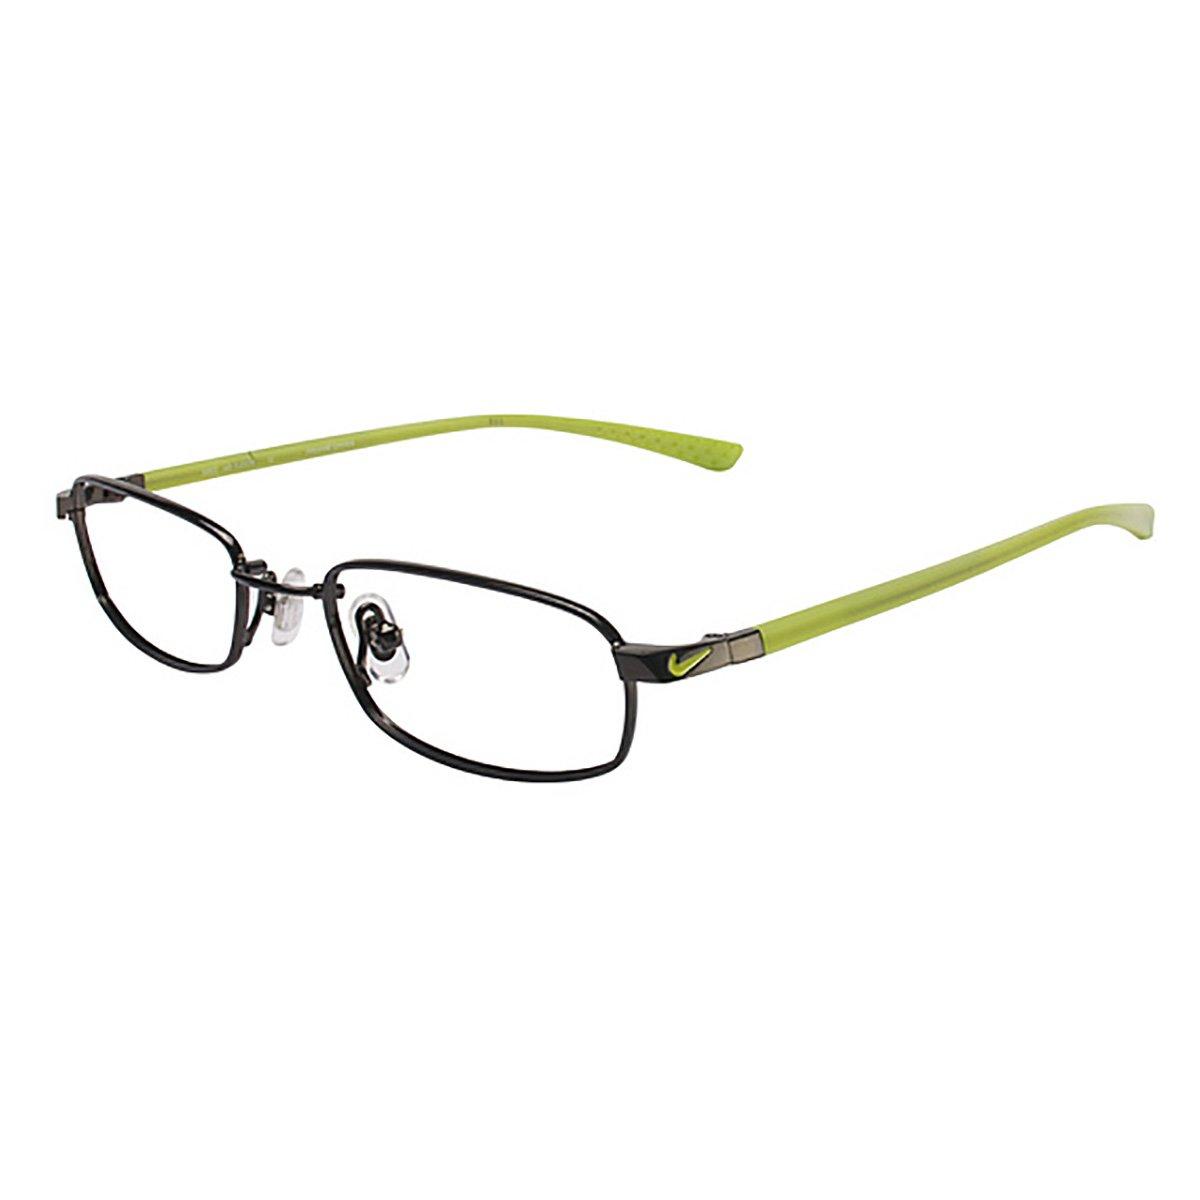 Óculos Marchon NYC Nike 4622 001